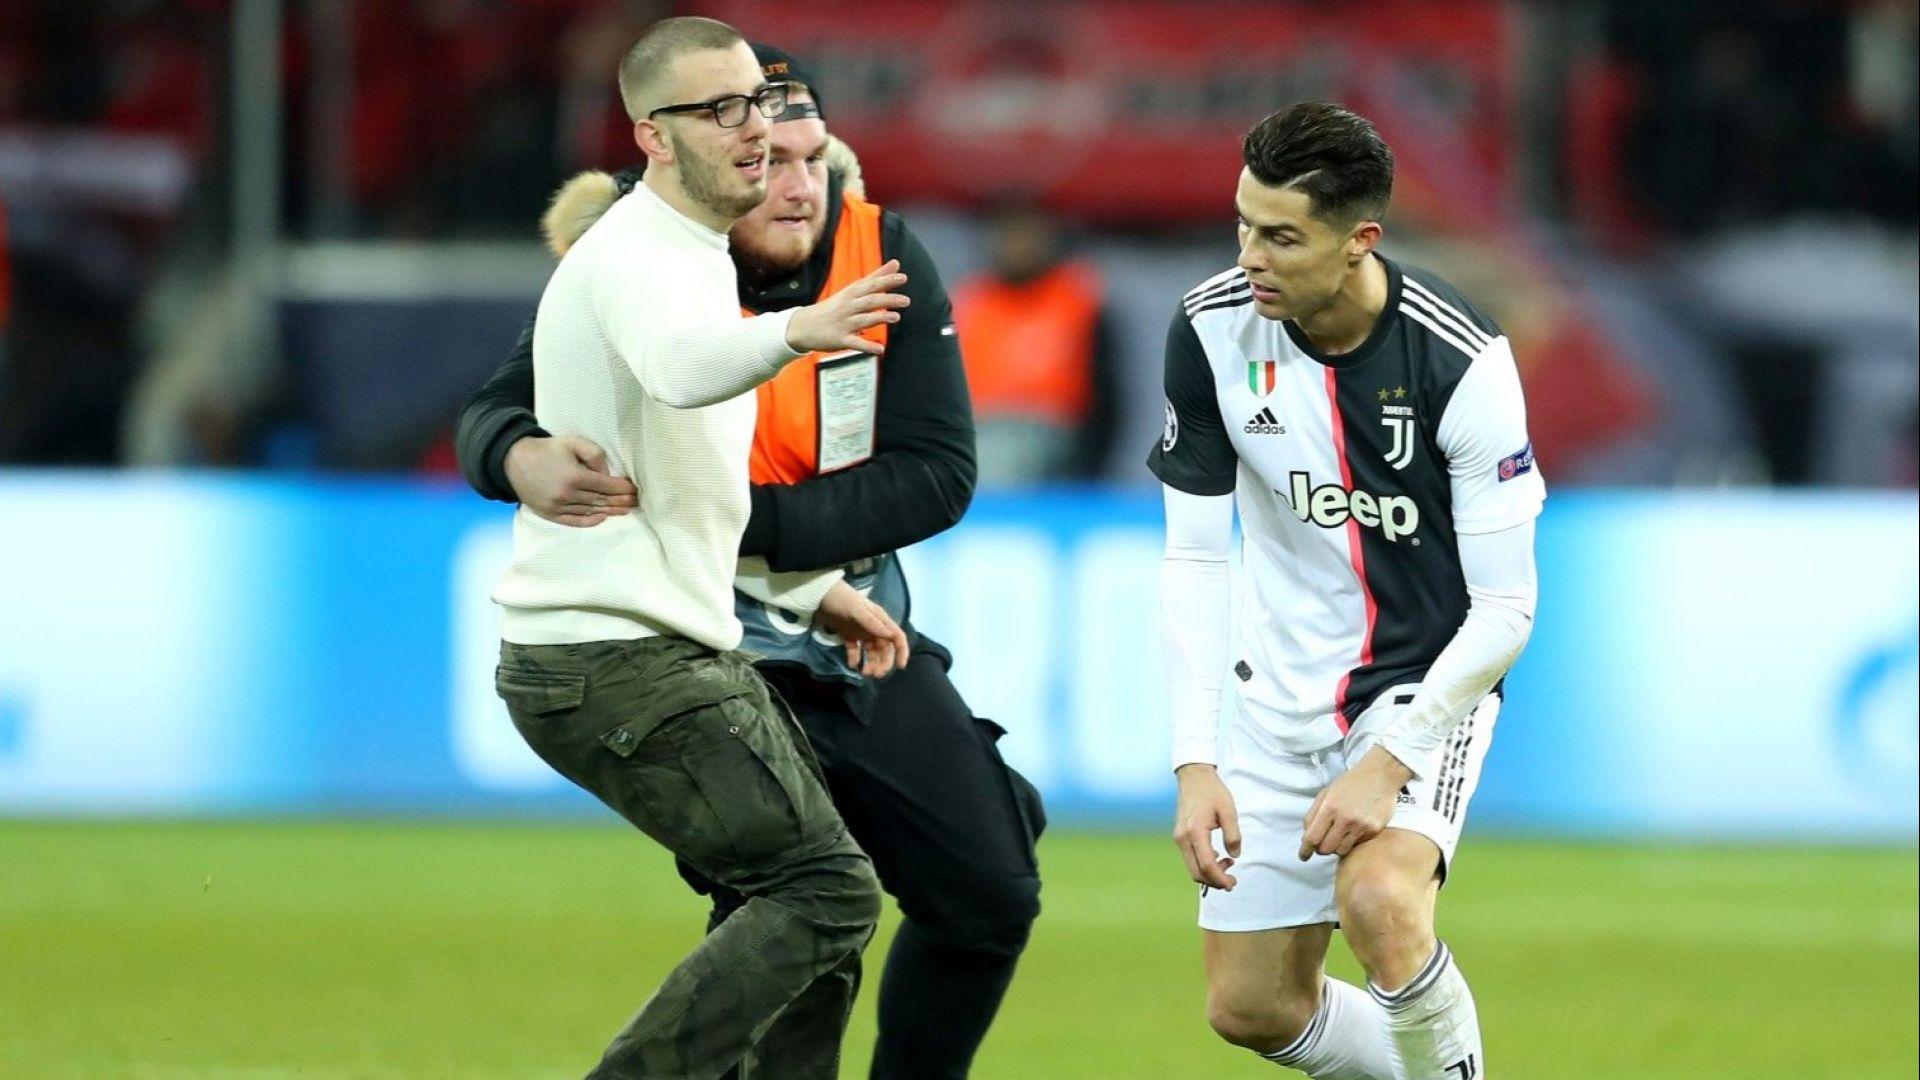 Фен атакува Роналдо за селфи на терена, но мина границата (видео)